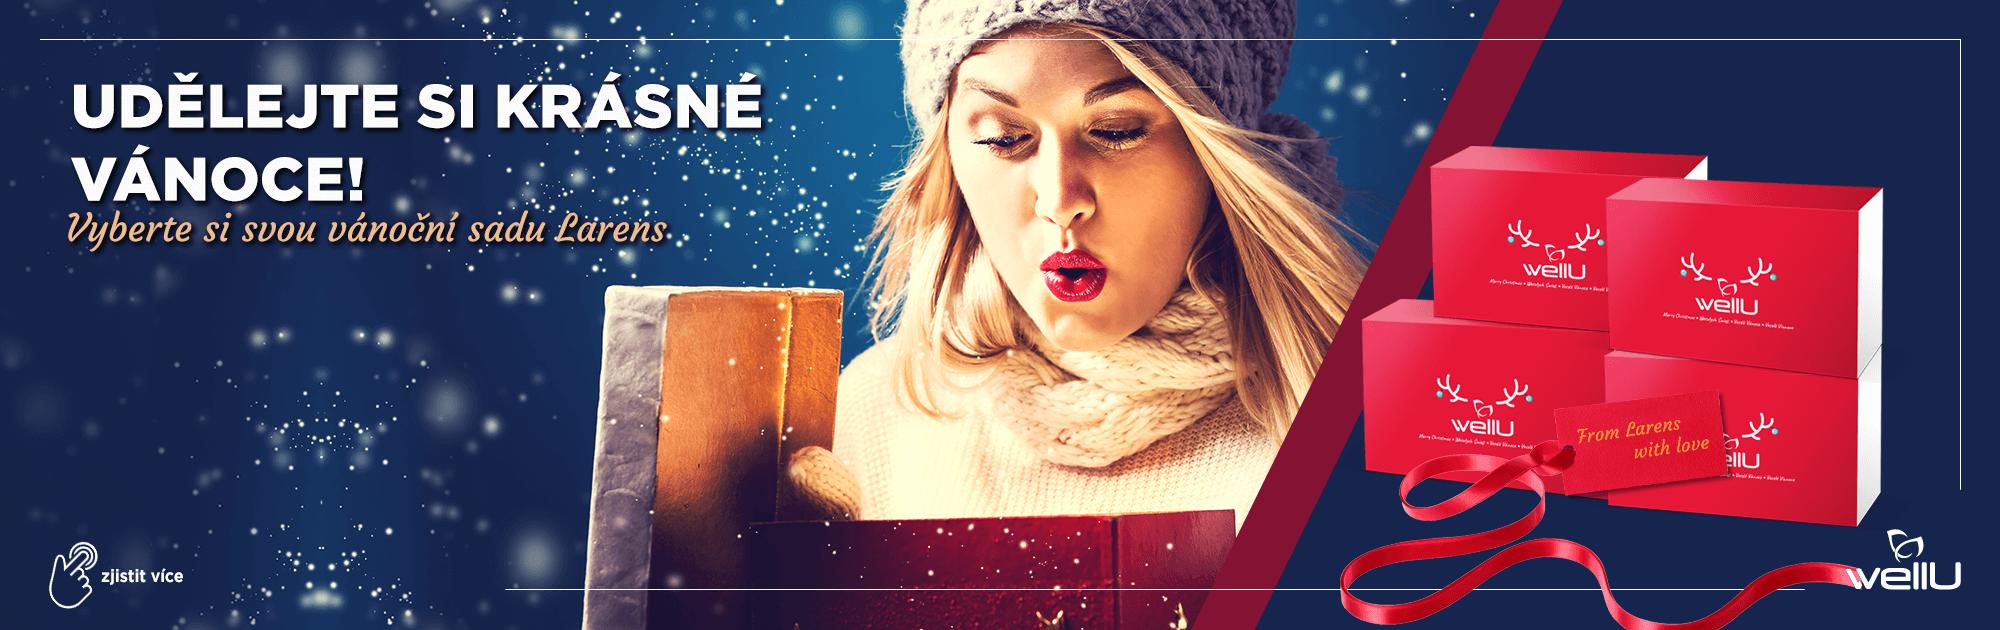 Udělejte si krásné Vánoce! Spouštíme vánoční akci.